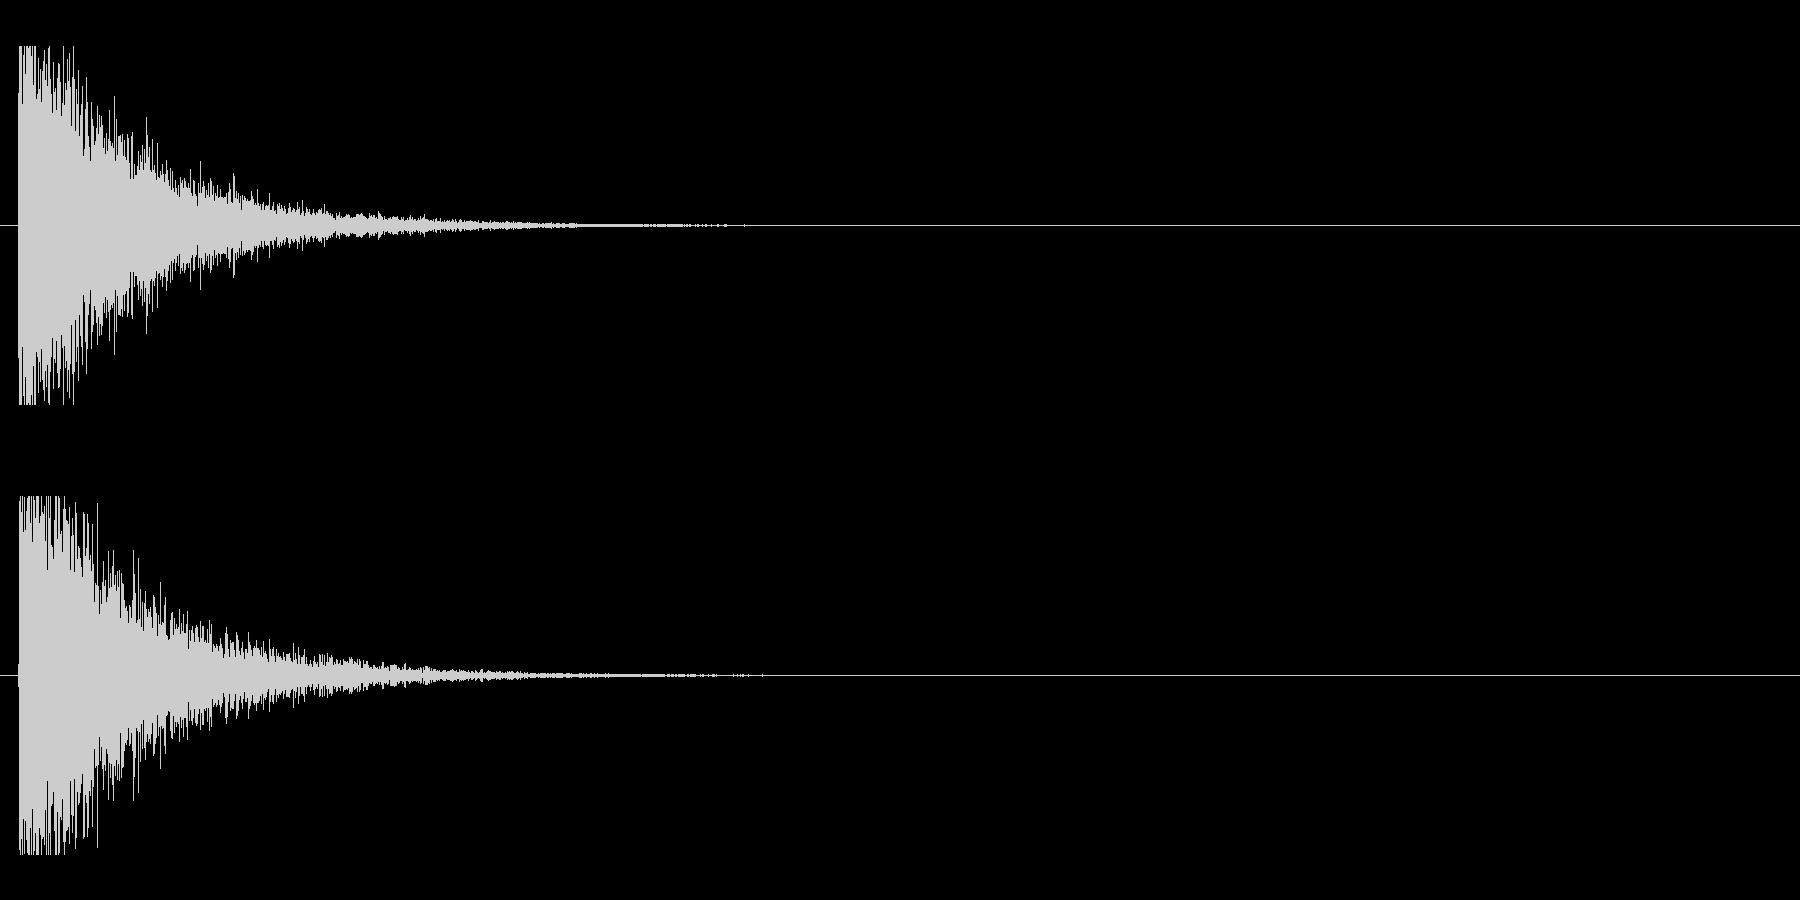 レーザー音-143-1の未再生の波形